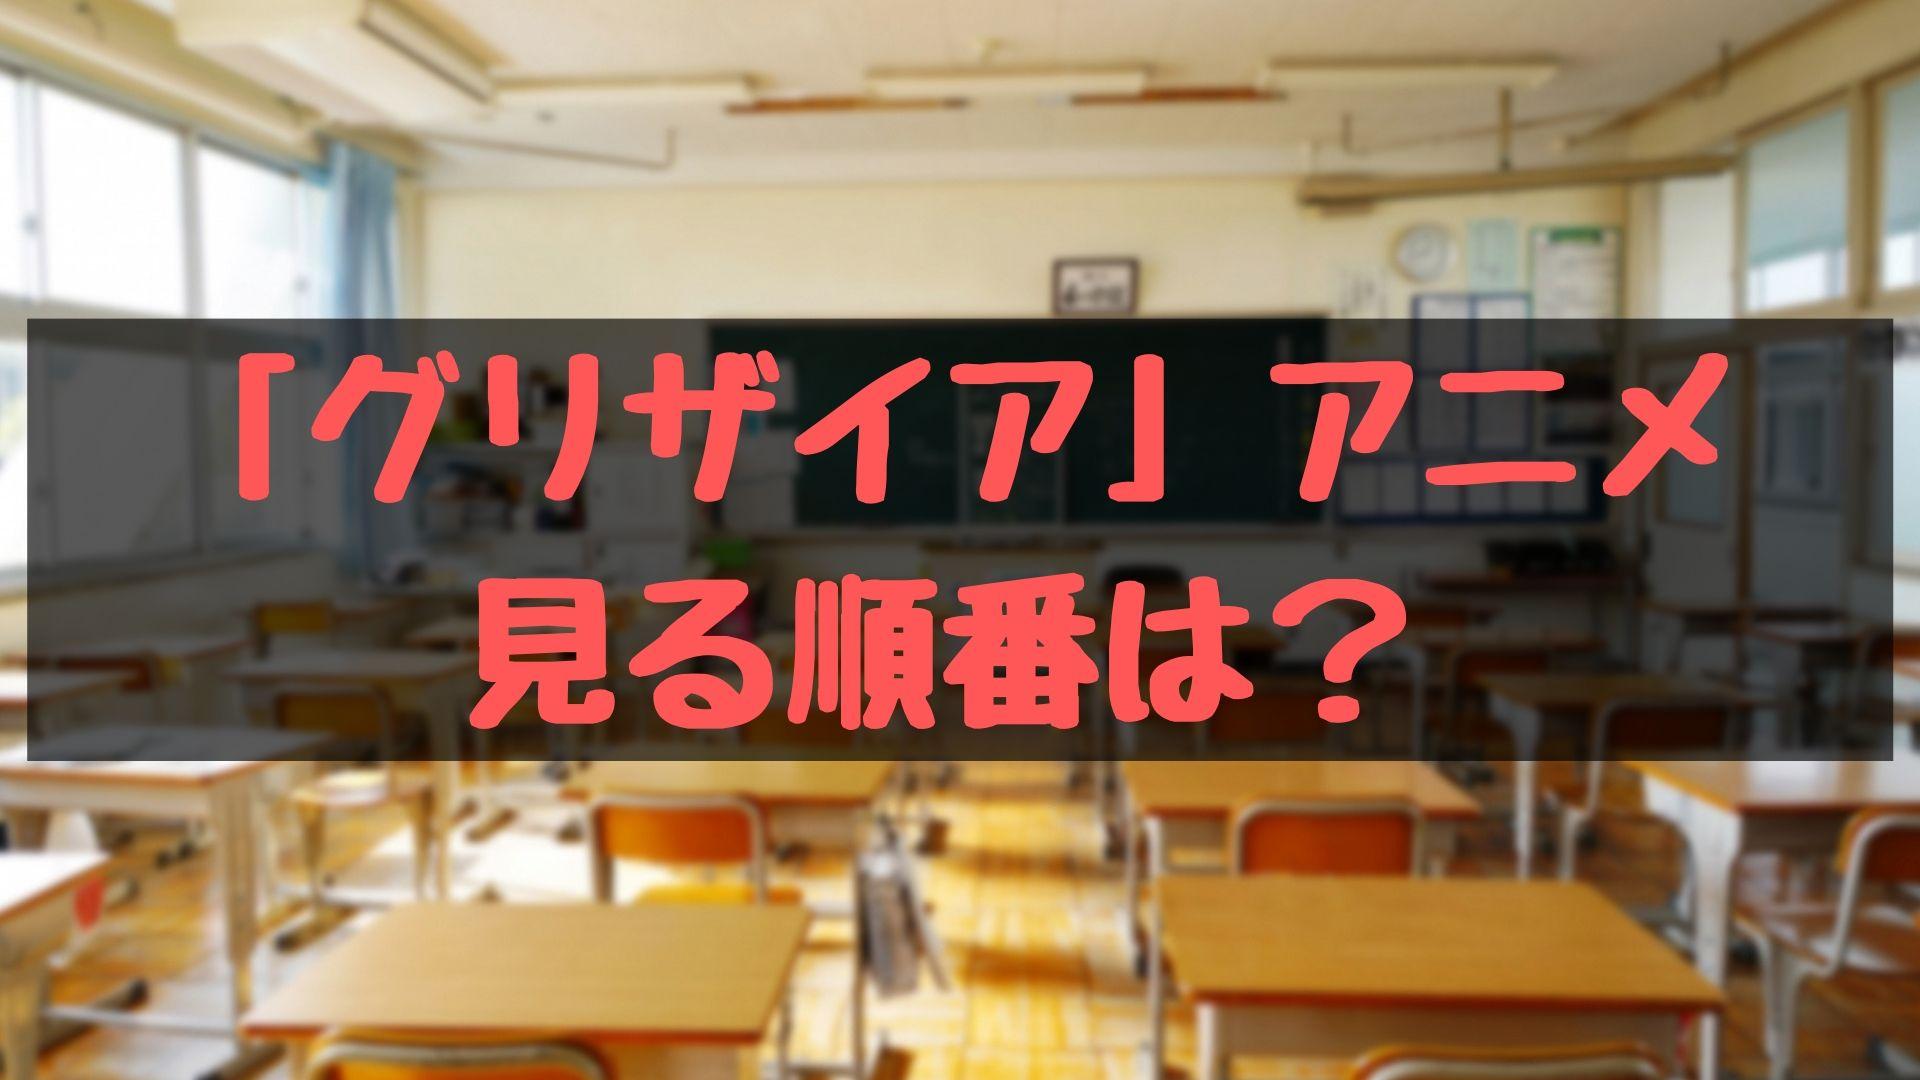 「グリザイア」アニメの見る順番は?各シリーズの順序・時系列を解説!